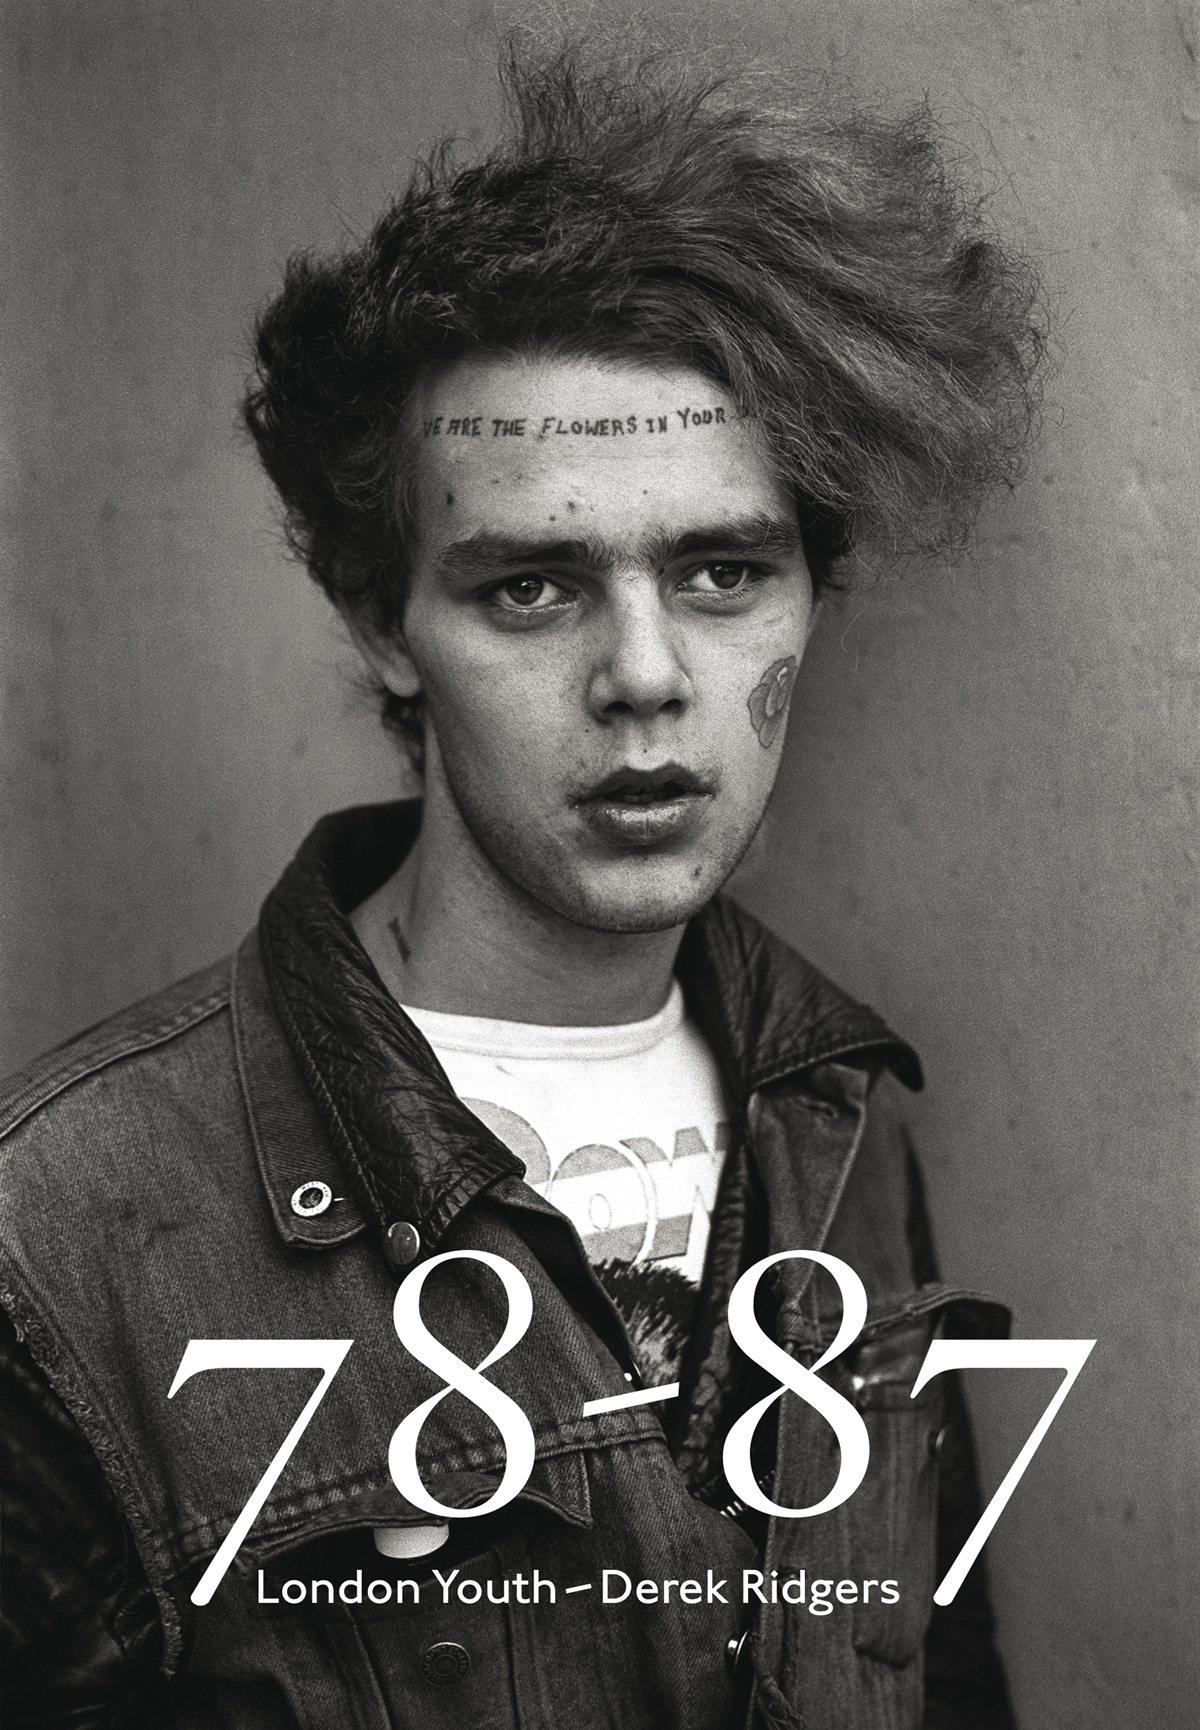 Derek Ridgers《78-87 London Youth》.jpg